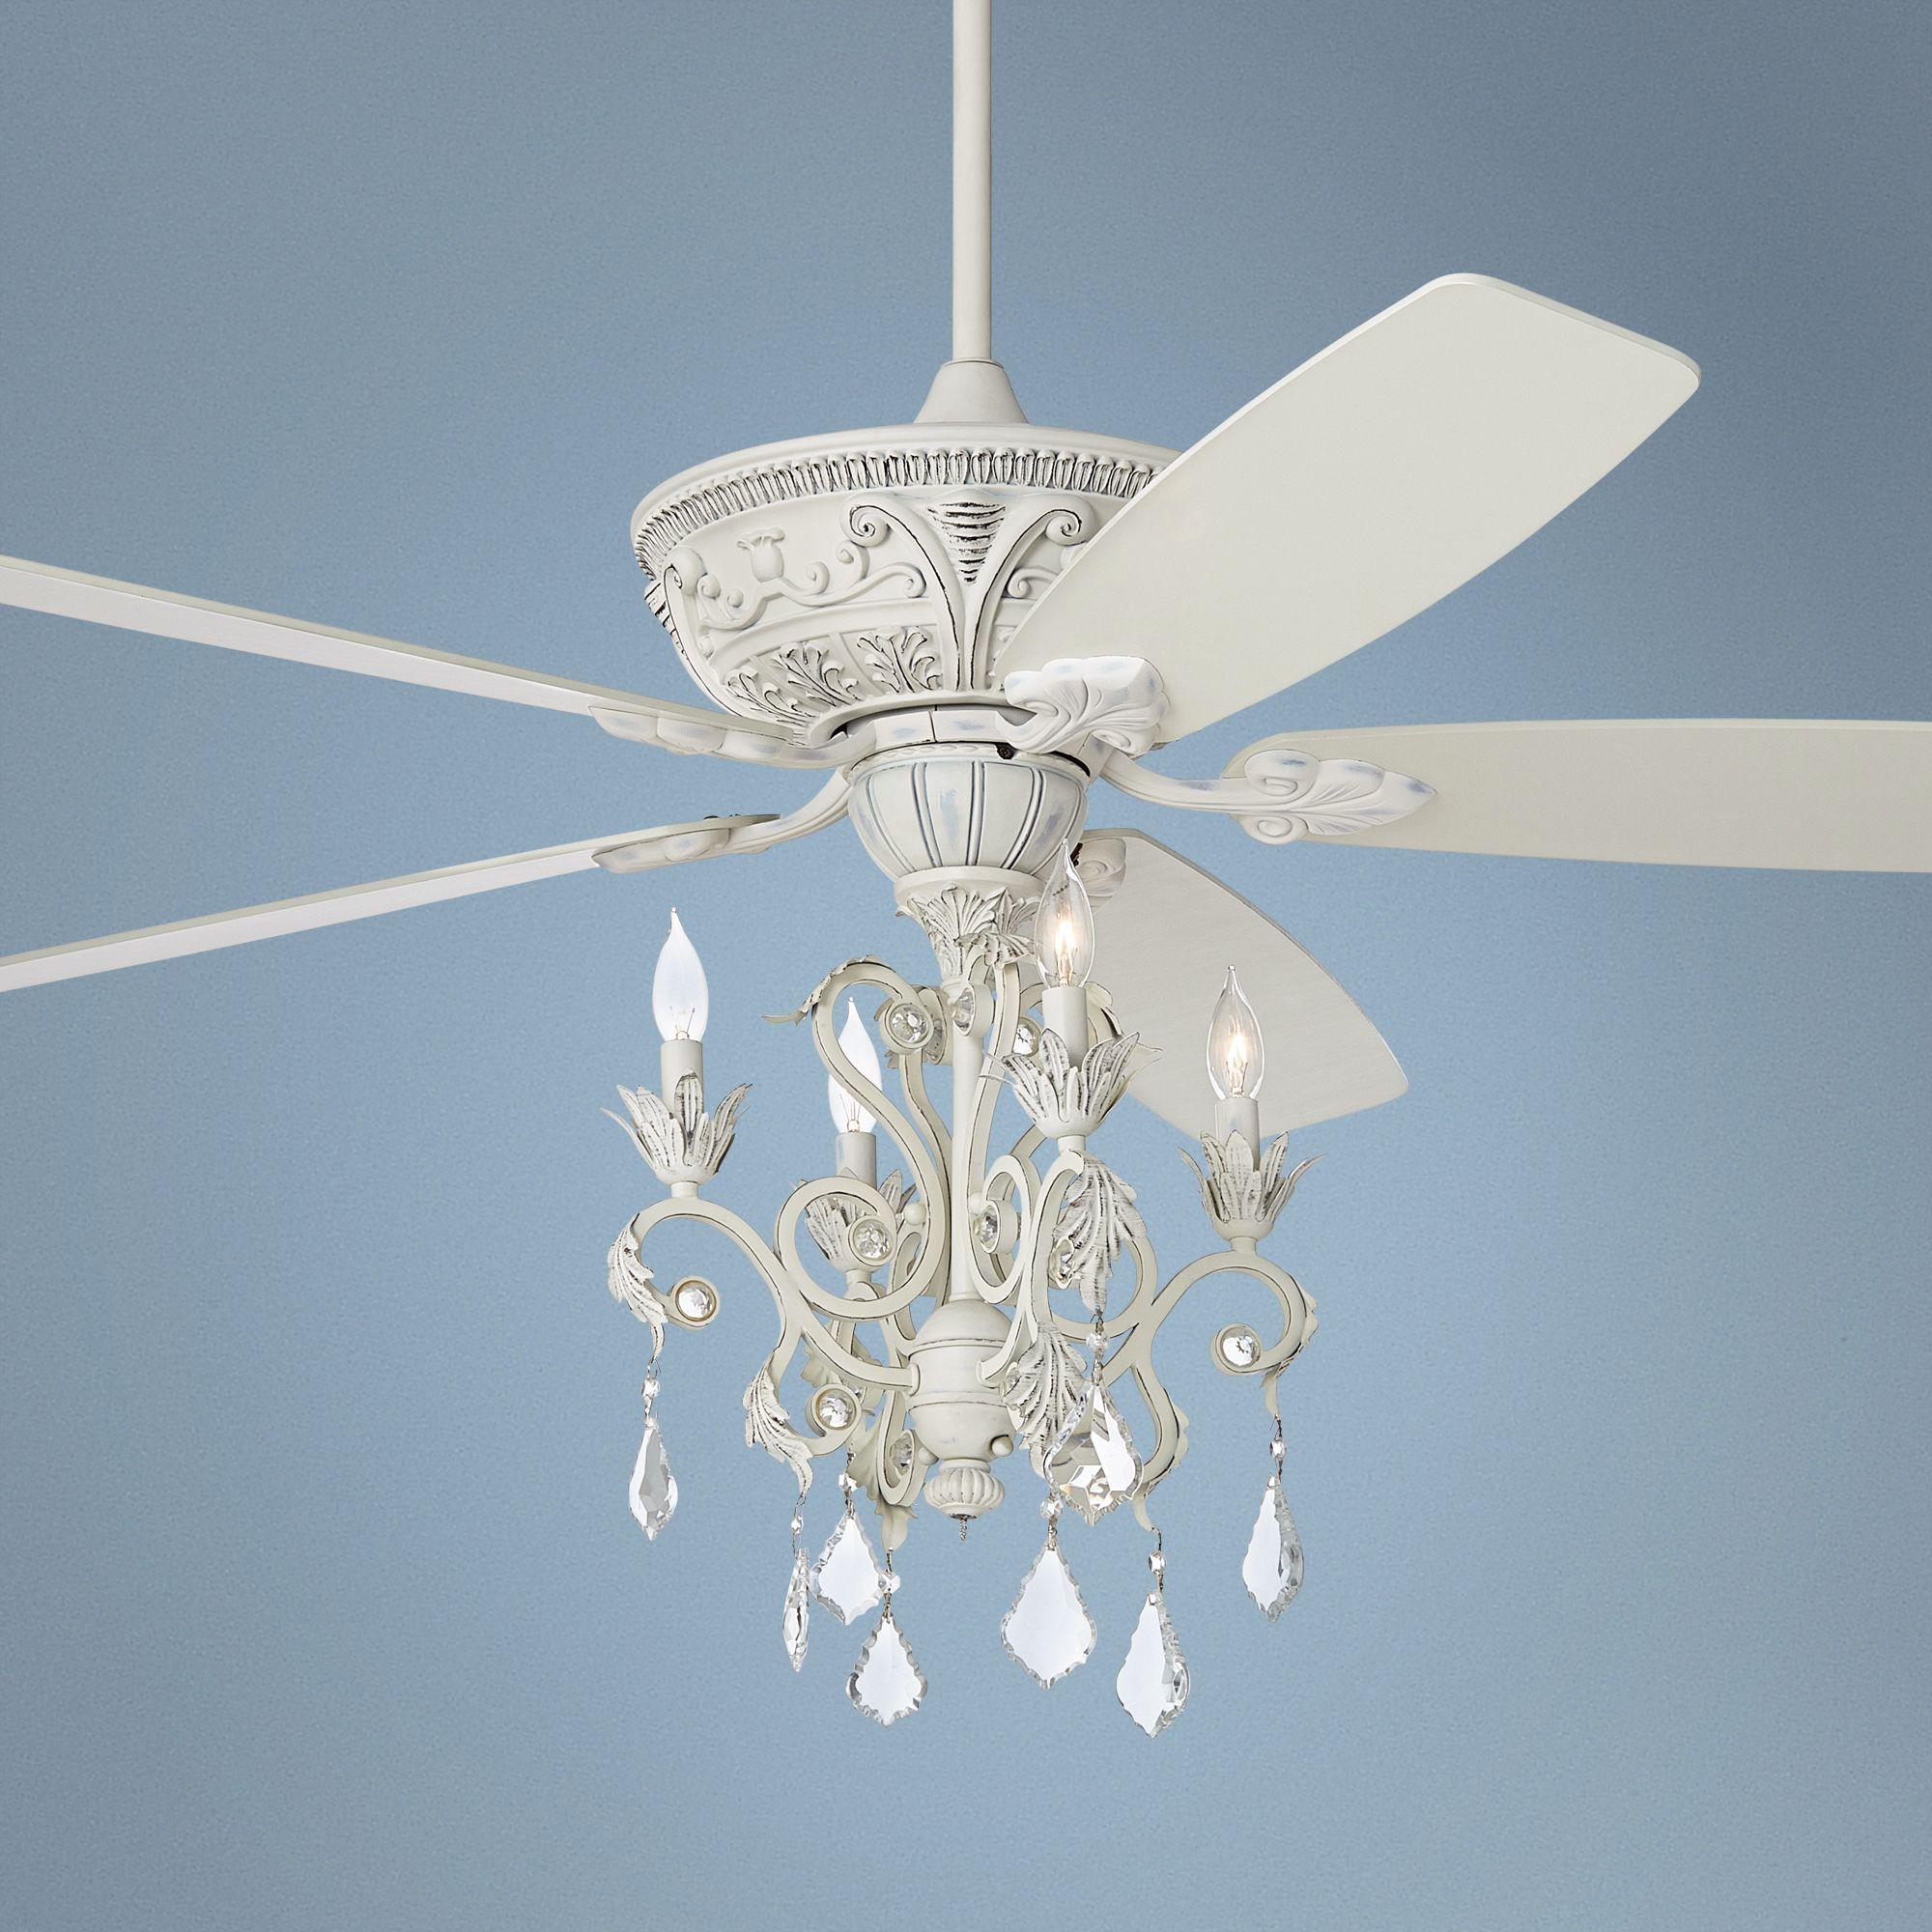 Crystal ceiling fan light